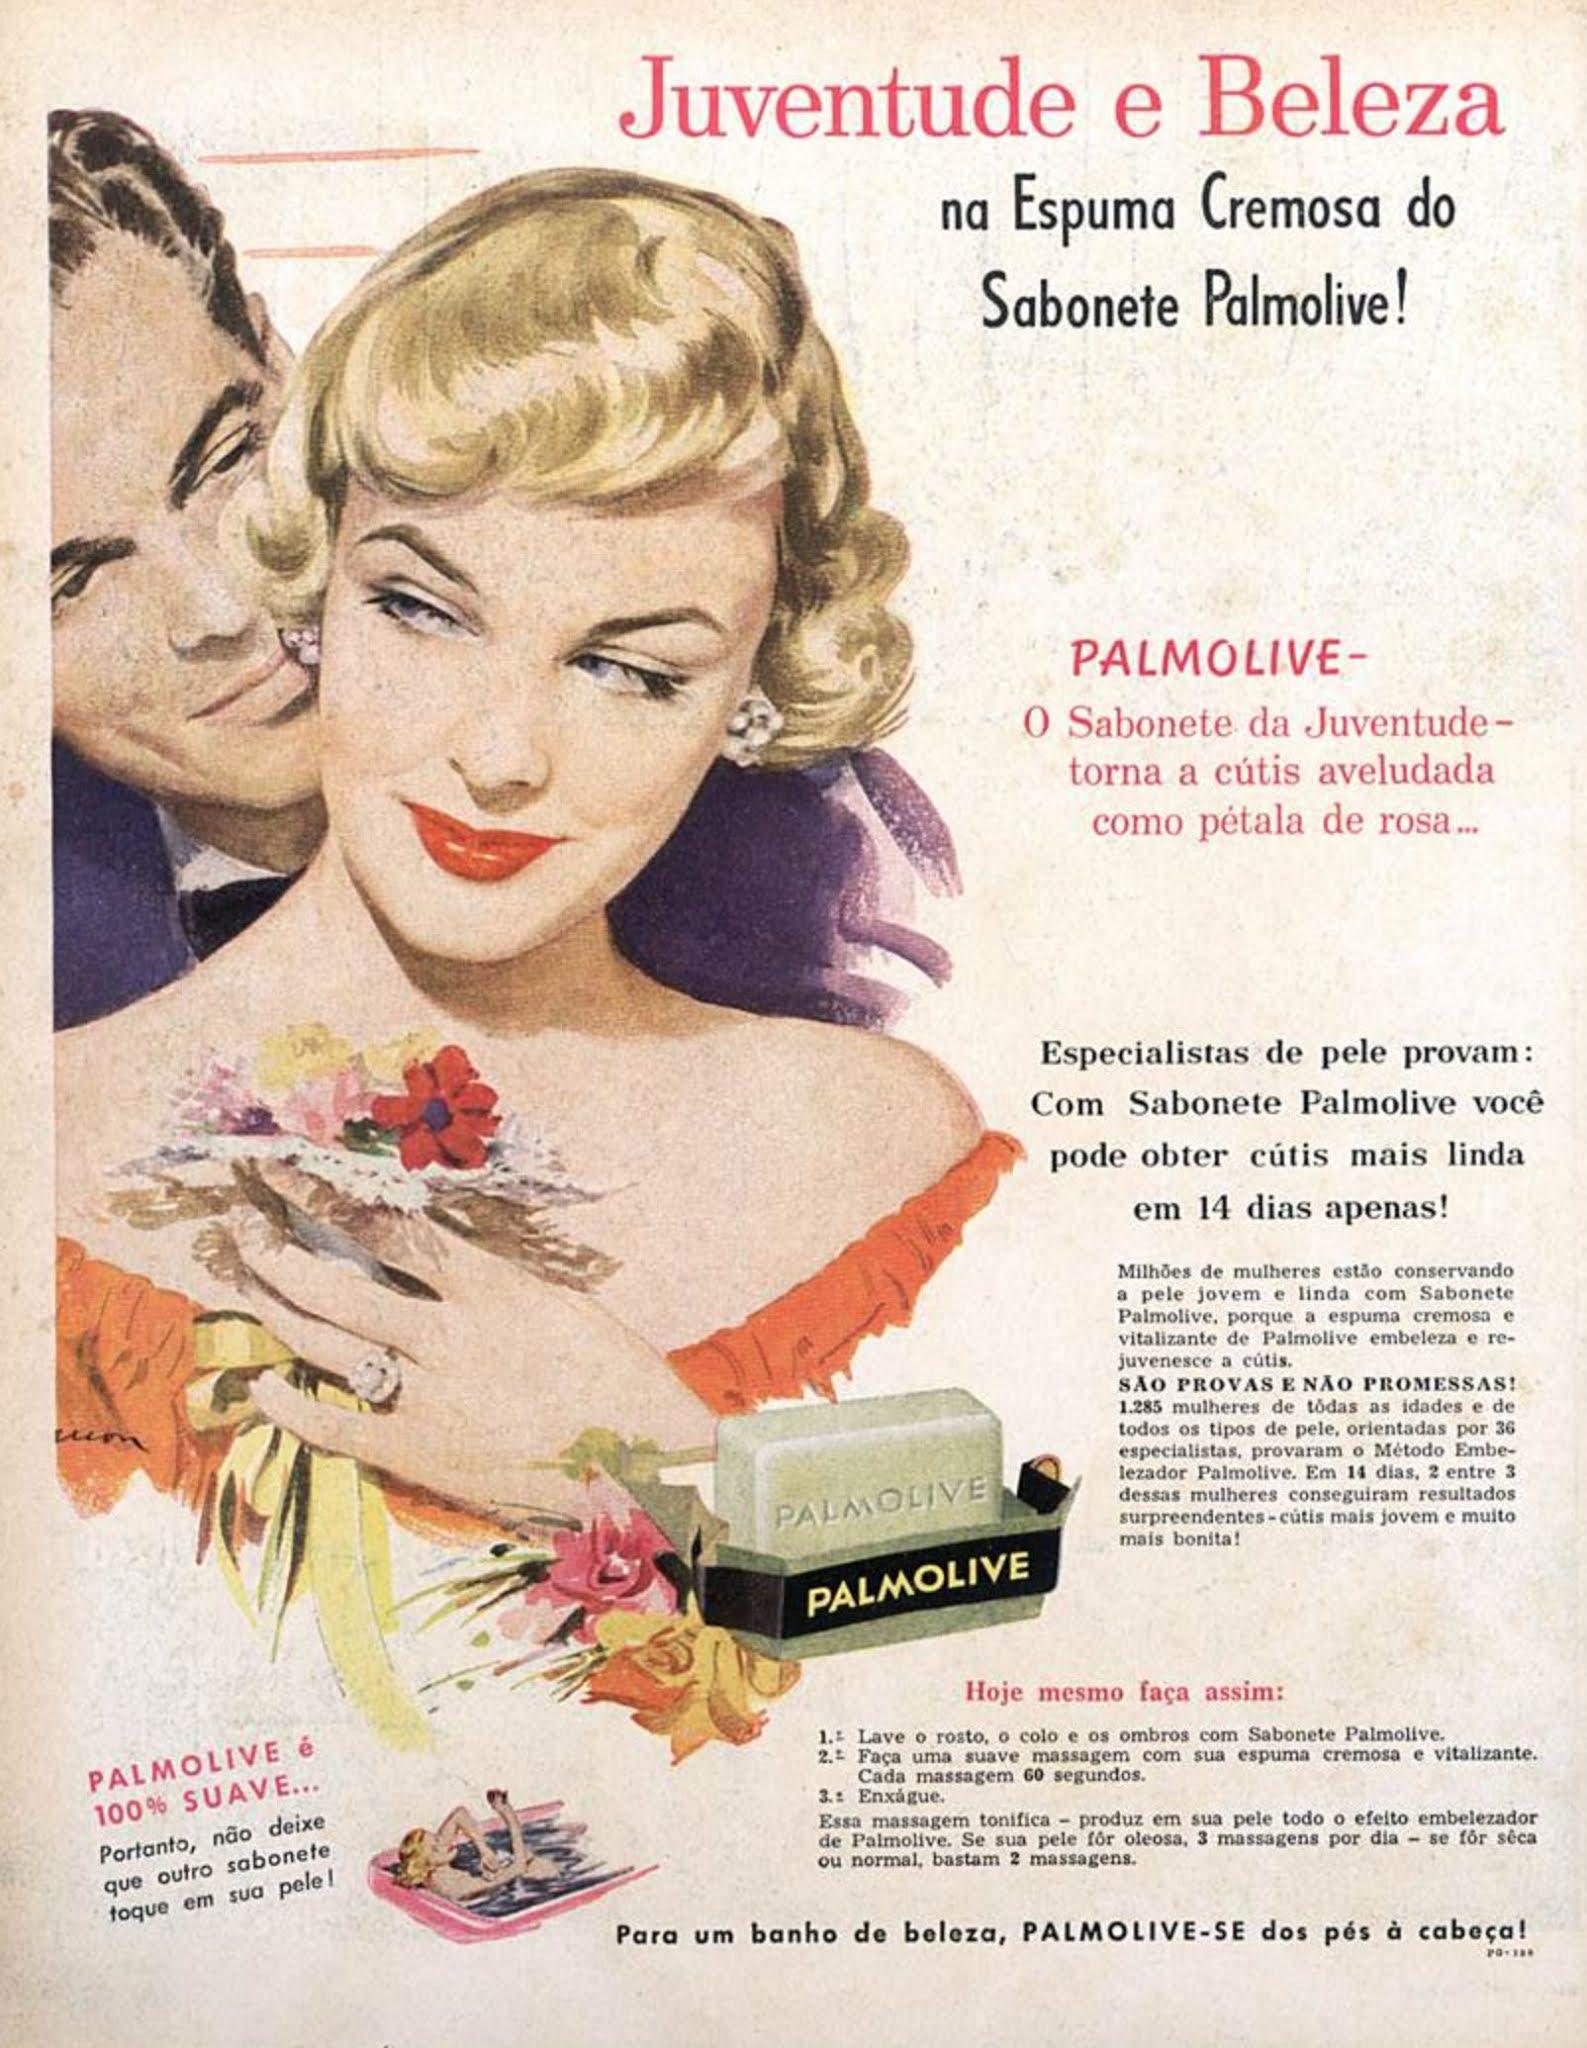 Anúncio antigo da Palmolive promovendo o seu famoso sabonete em 1957